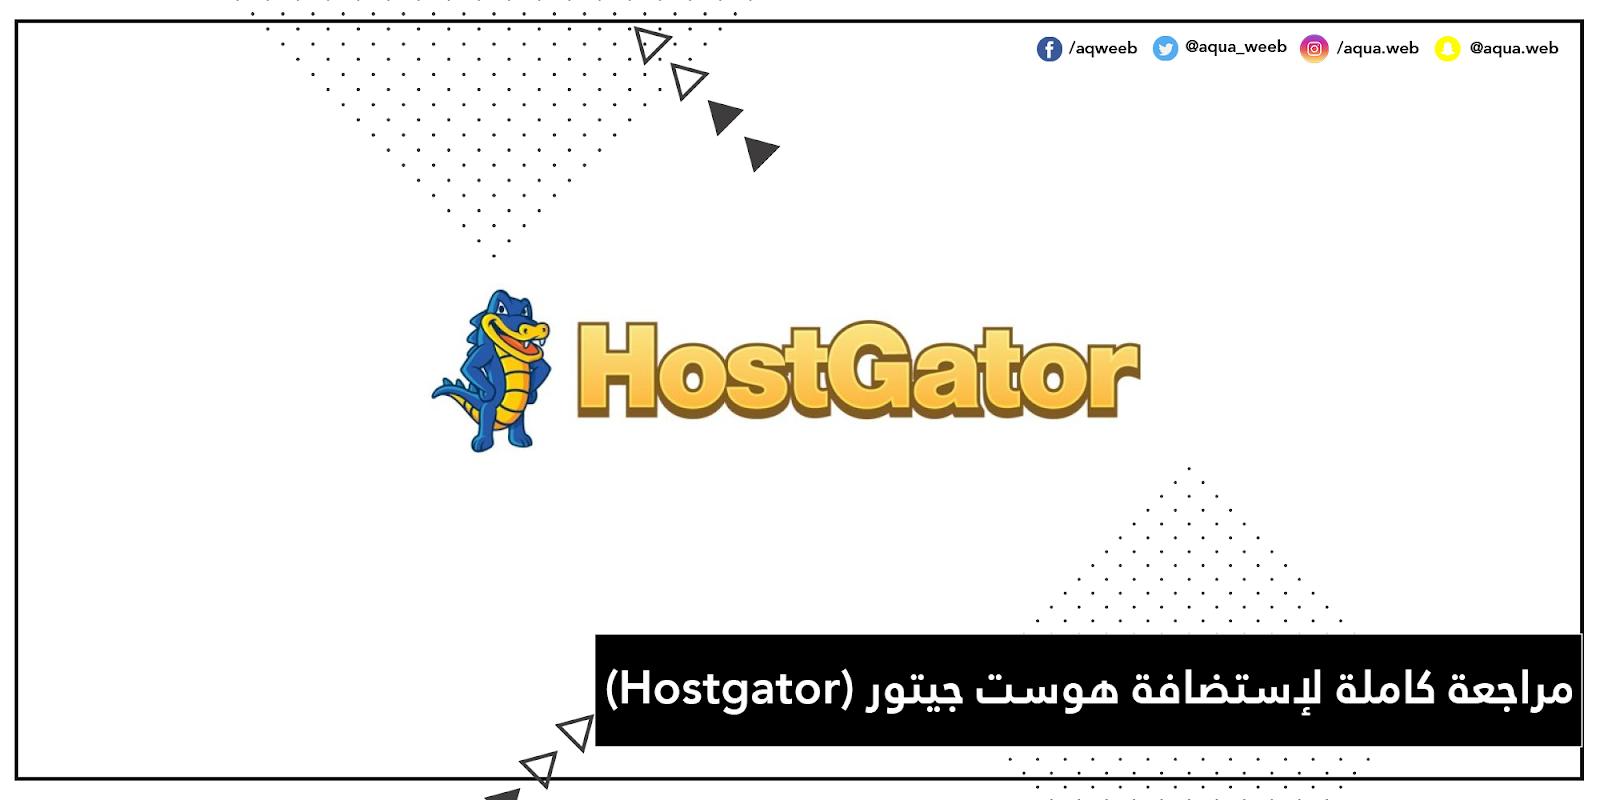 مراجعة كاملة لإستضافة هوست جيتور (Hostgator)